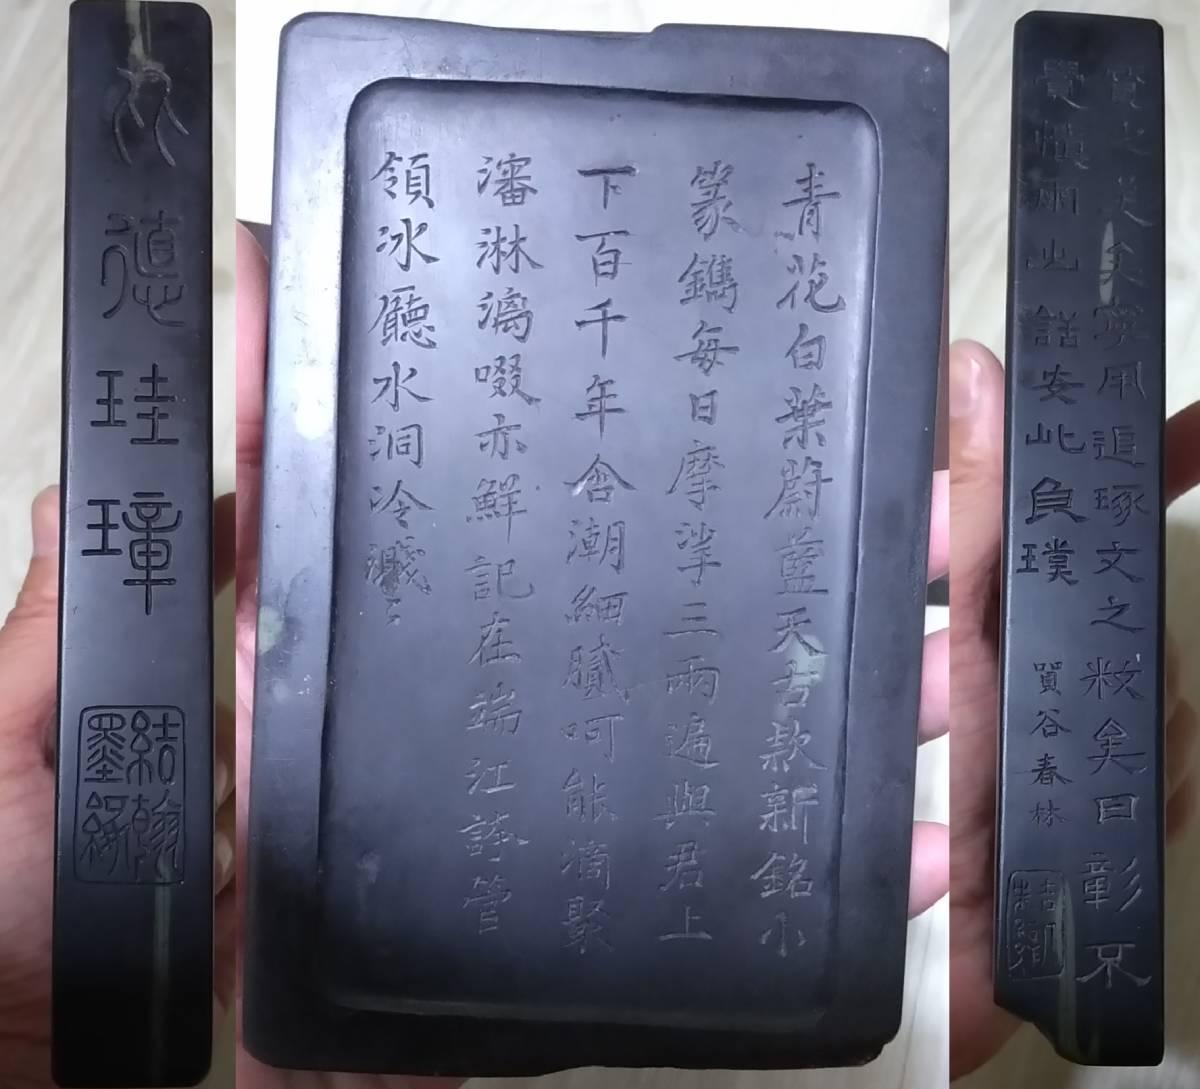 中国 清代 古硯 端渓硯 書道具 硯箱 石眼 銘文があり 蓋に日中戦争来暦記入 中国美術書法墨印材筆紙旧家蔵出